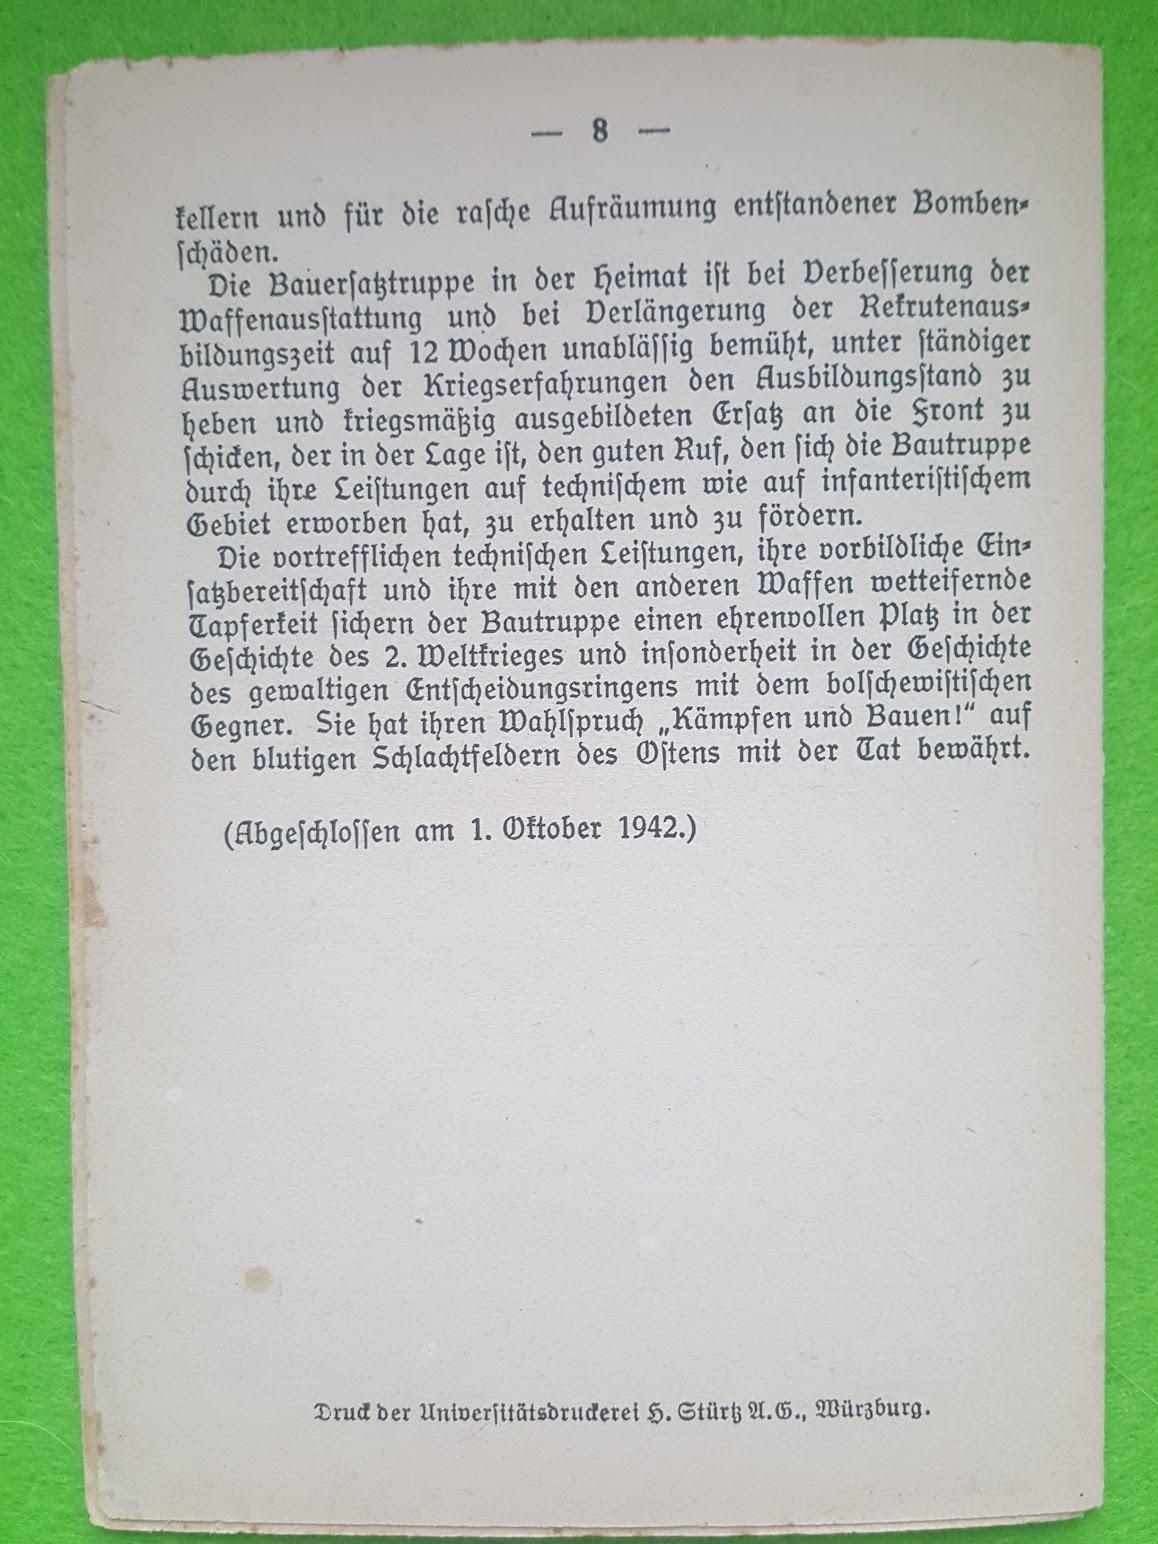 Generalleutnant Klingbeil, Anlage zum Liederbuch für Bautruppen, 1942